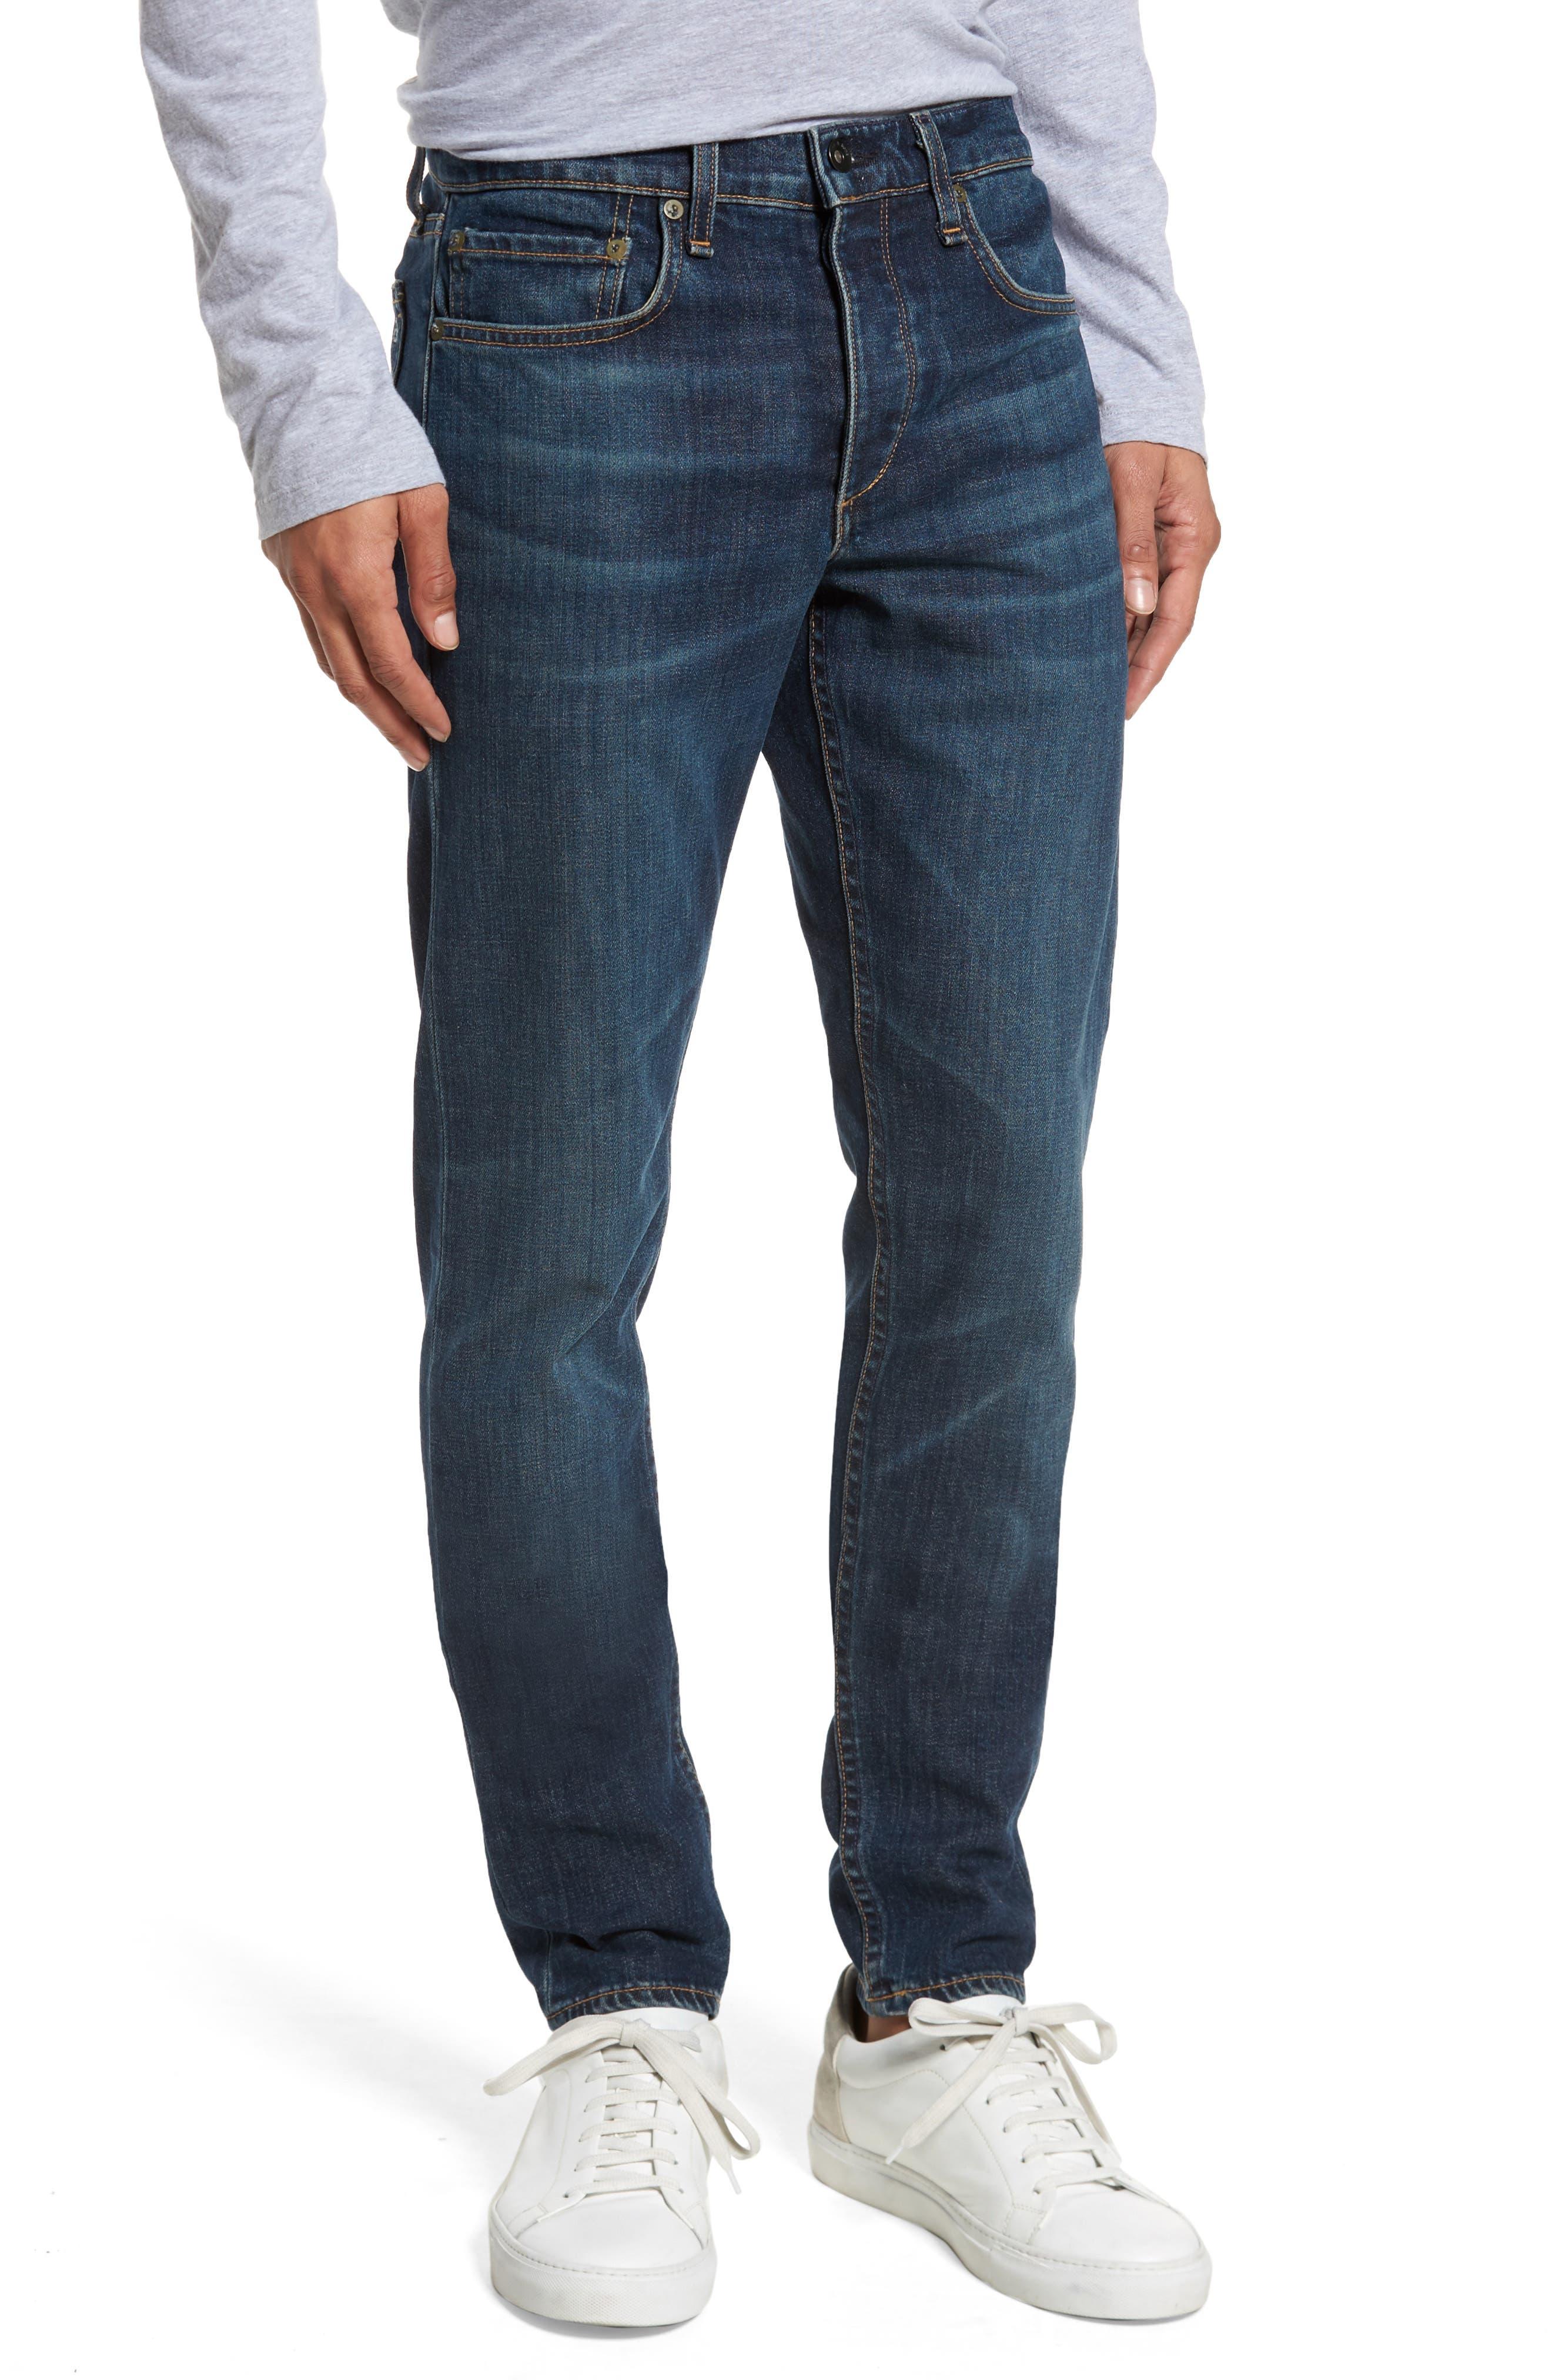 Fit 1 Skinny Fit Jeans,                         Main,                         color, Linden